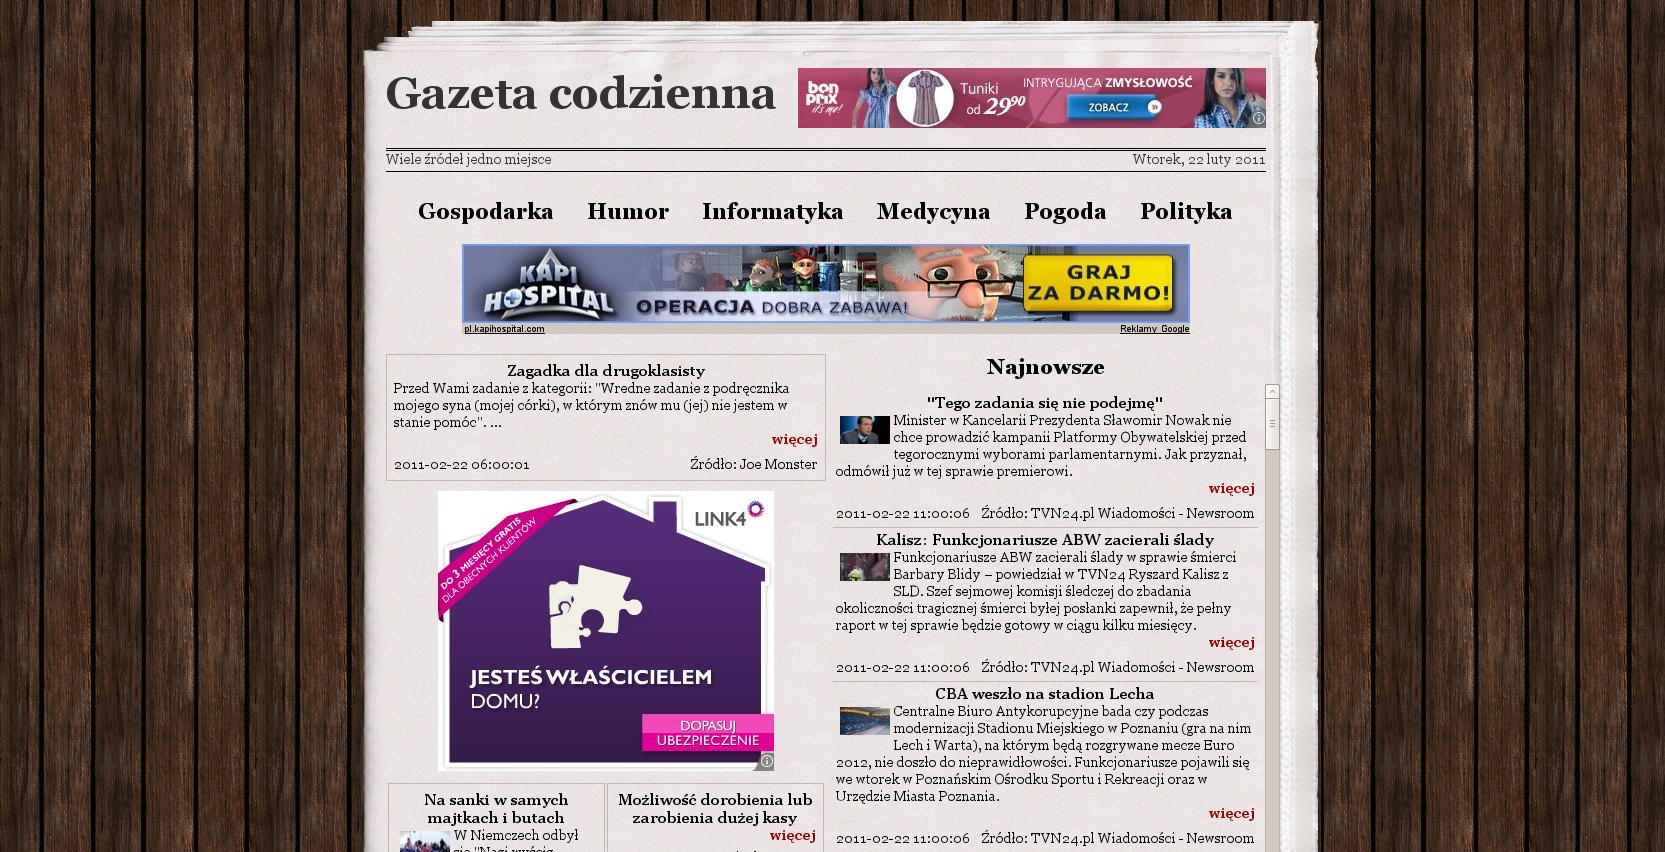 Gazeta-codzienna_1298372642050